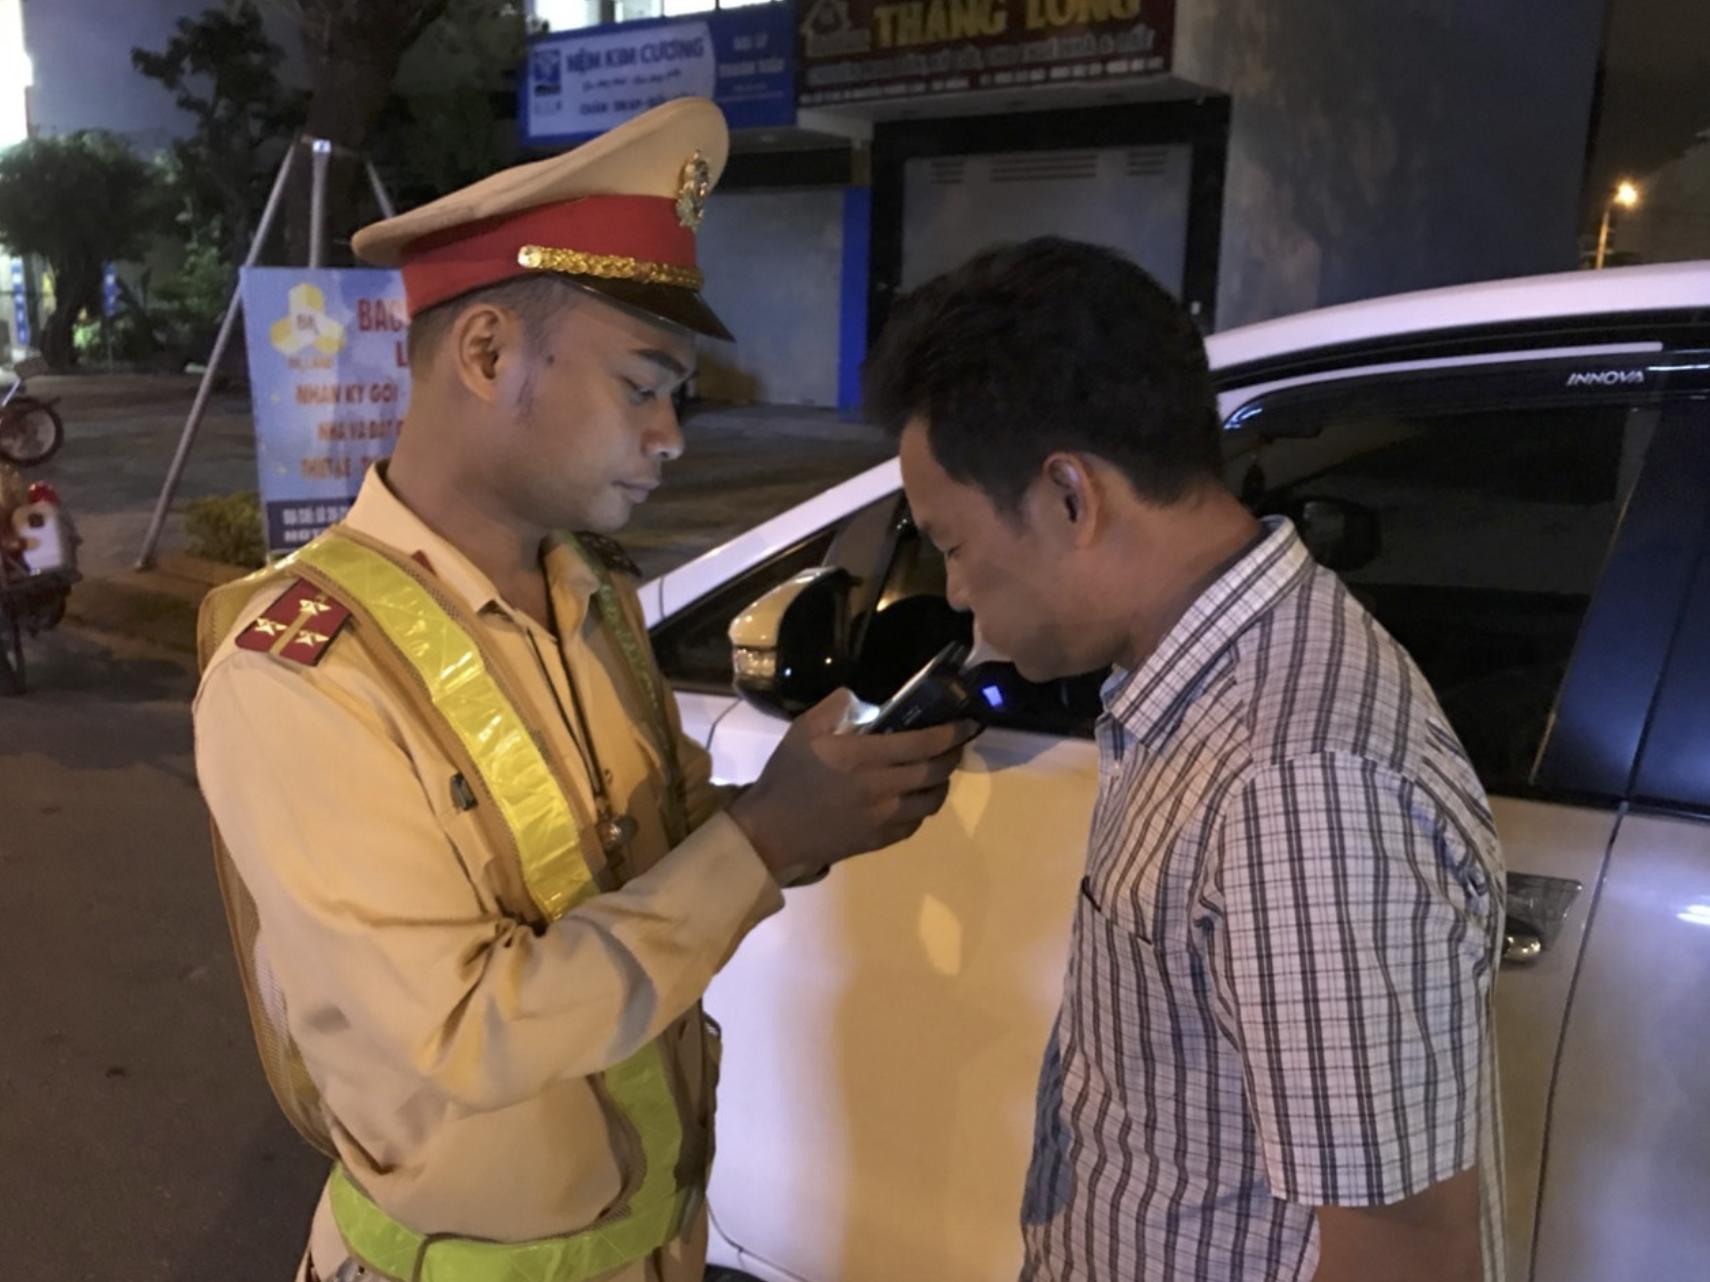 Hơn 600 tài xế cả nước bị phạt do vi phạm nồng độ cồn trong 2 ngày CSGT xử lí theo Nghị định 100 - Ảnh 1.